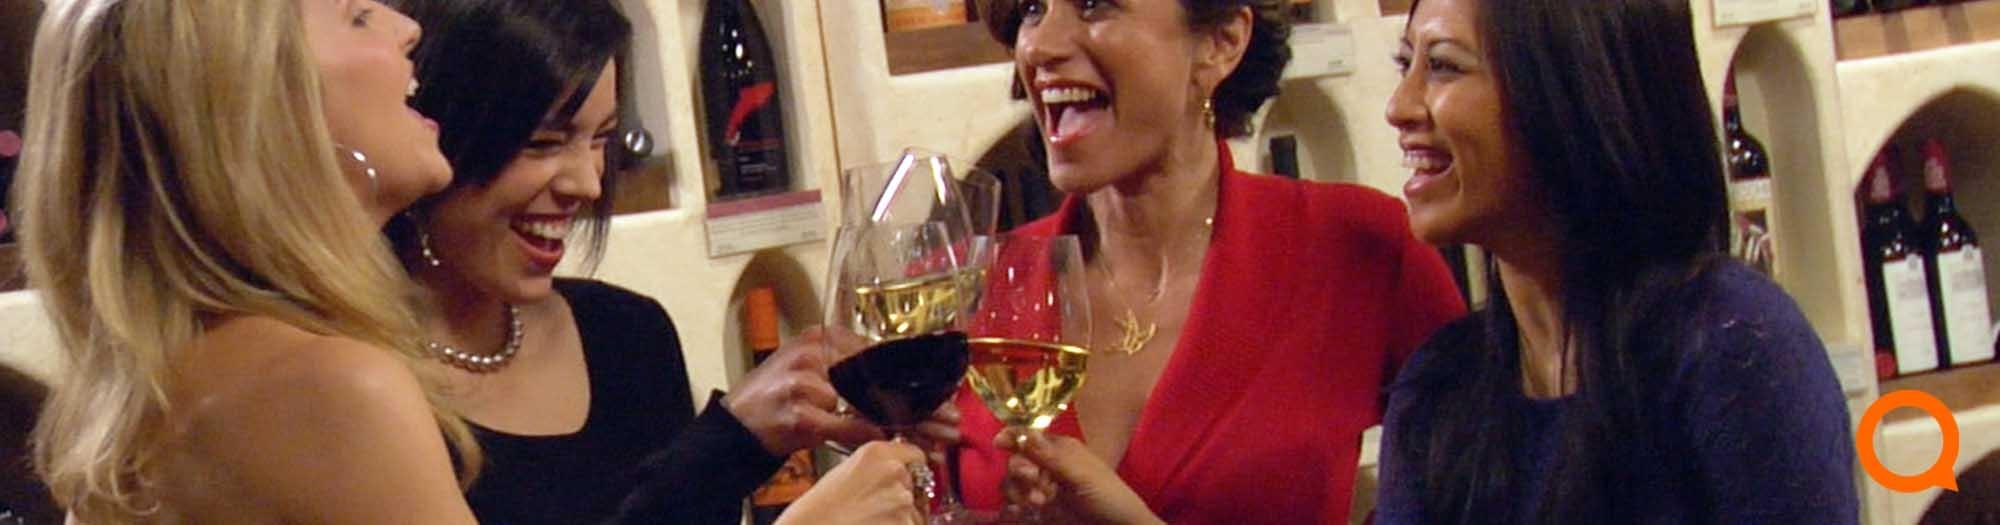 Populaire wijnlanden